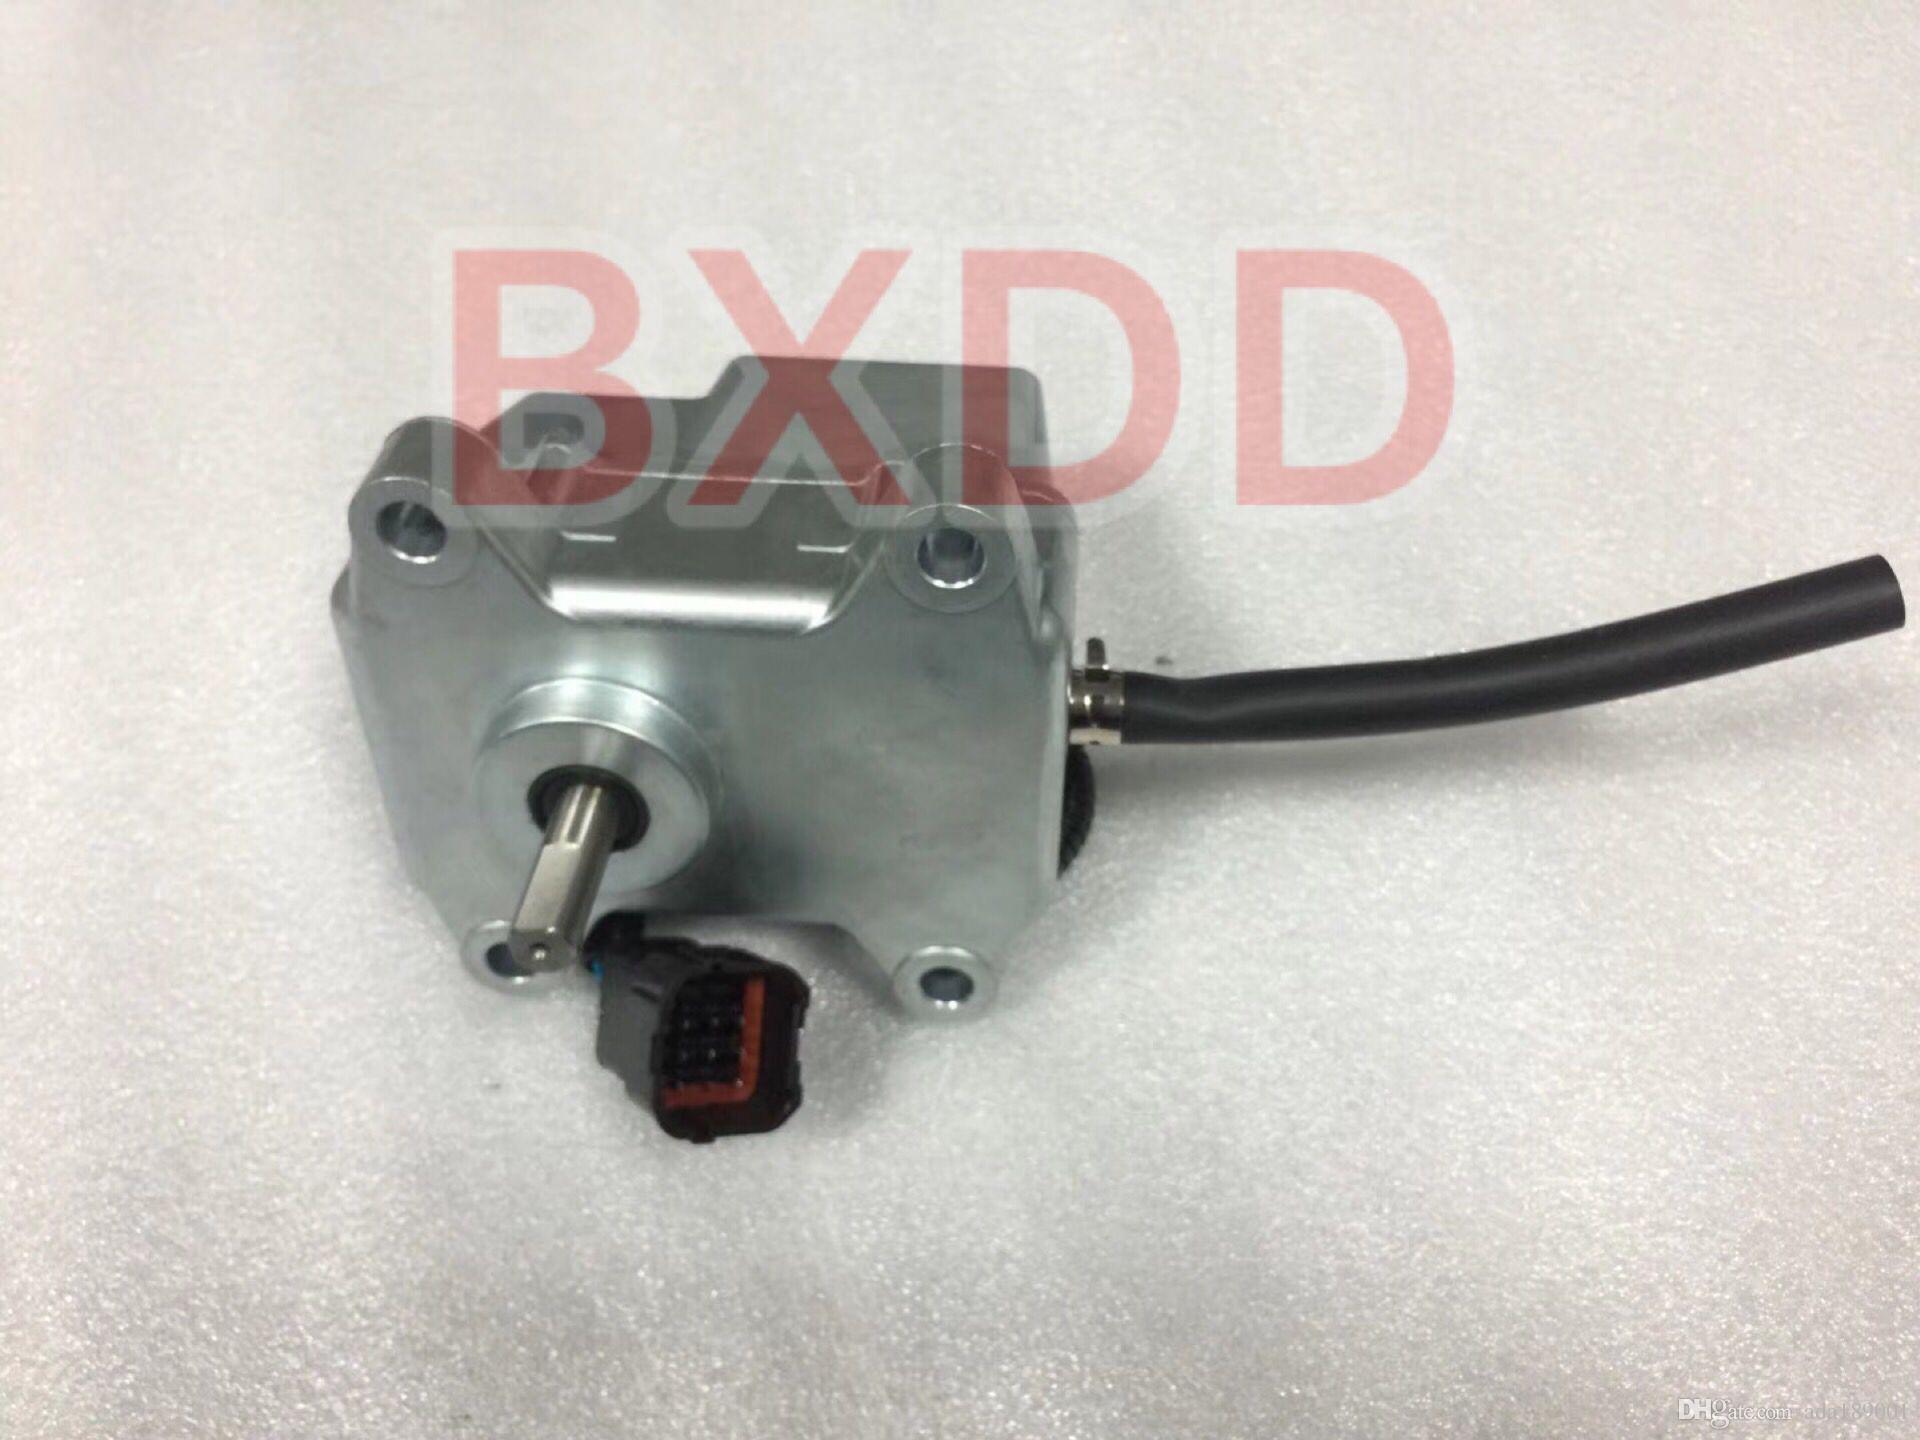 자동차 스미토모 SH280-3 굴삭기 스로틀 모터 1713-30020 SH120-A1 SH120-A2 스미토모 굴삭기 스로틀 모터 KHR1290 KHR1346